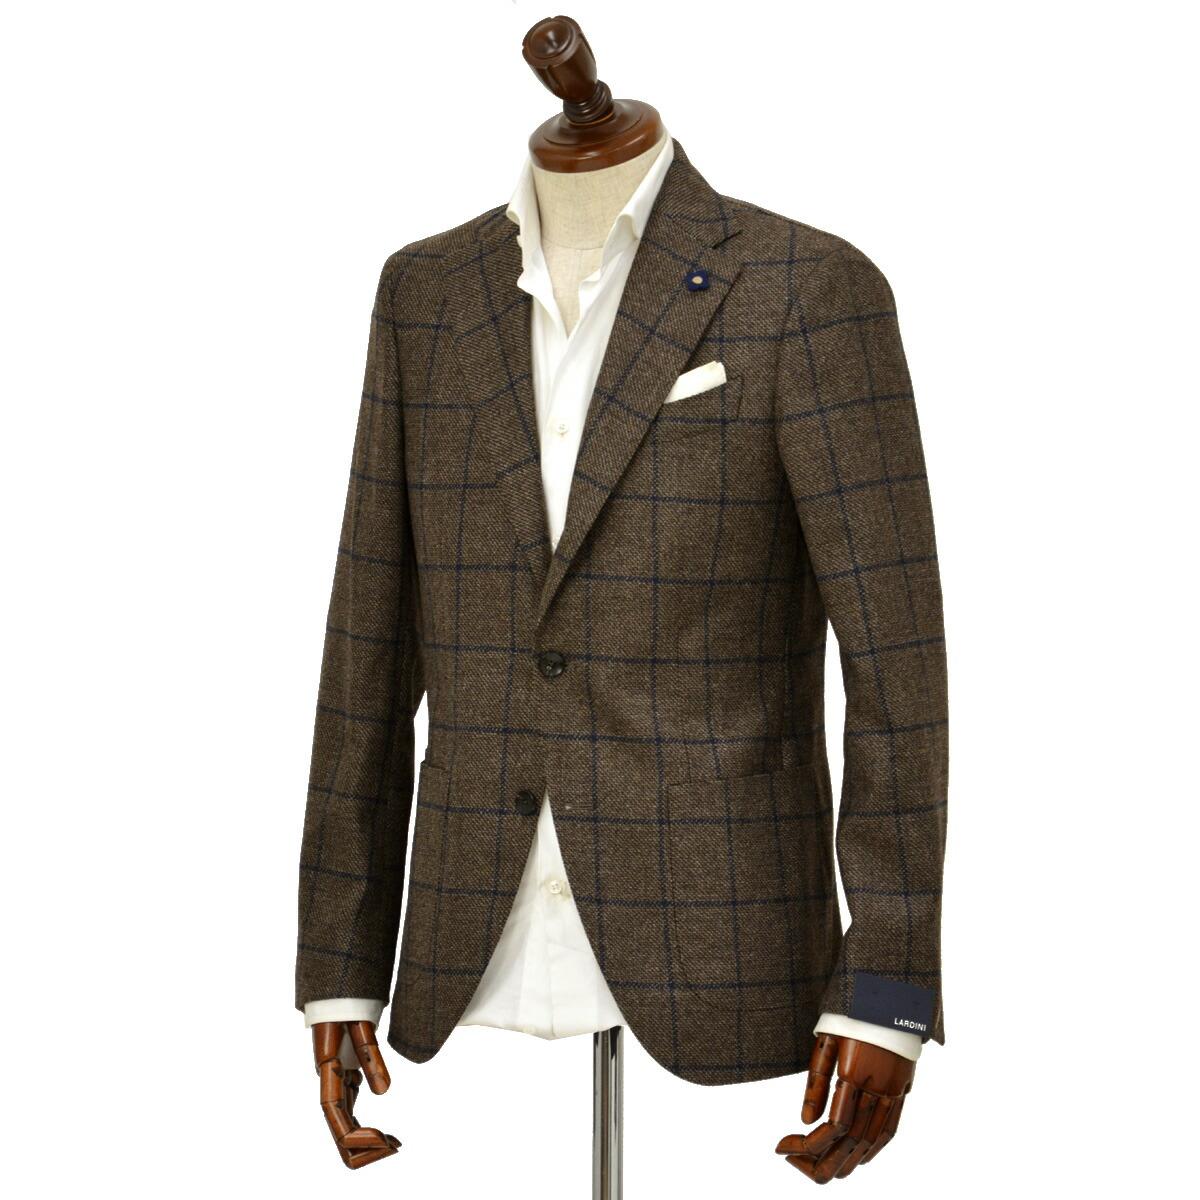 先行販売 早得 【袖修理無料】LARDINI【ラルディーニ】 シングルジャケット JN0526AQ IGRP51592/1 ウール カシミア ウィンドペーン ブラウン×ネイビー